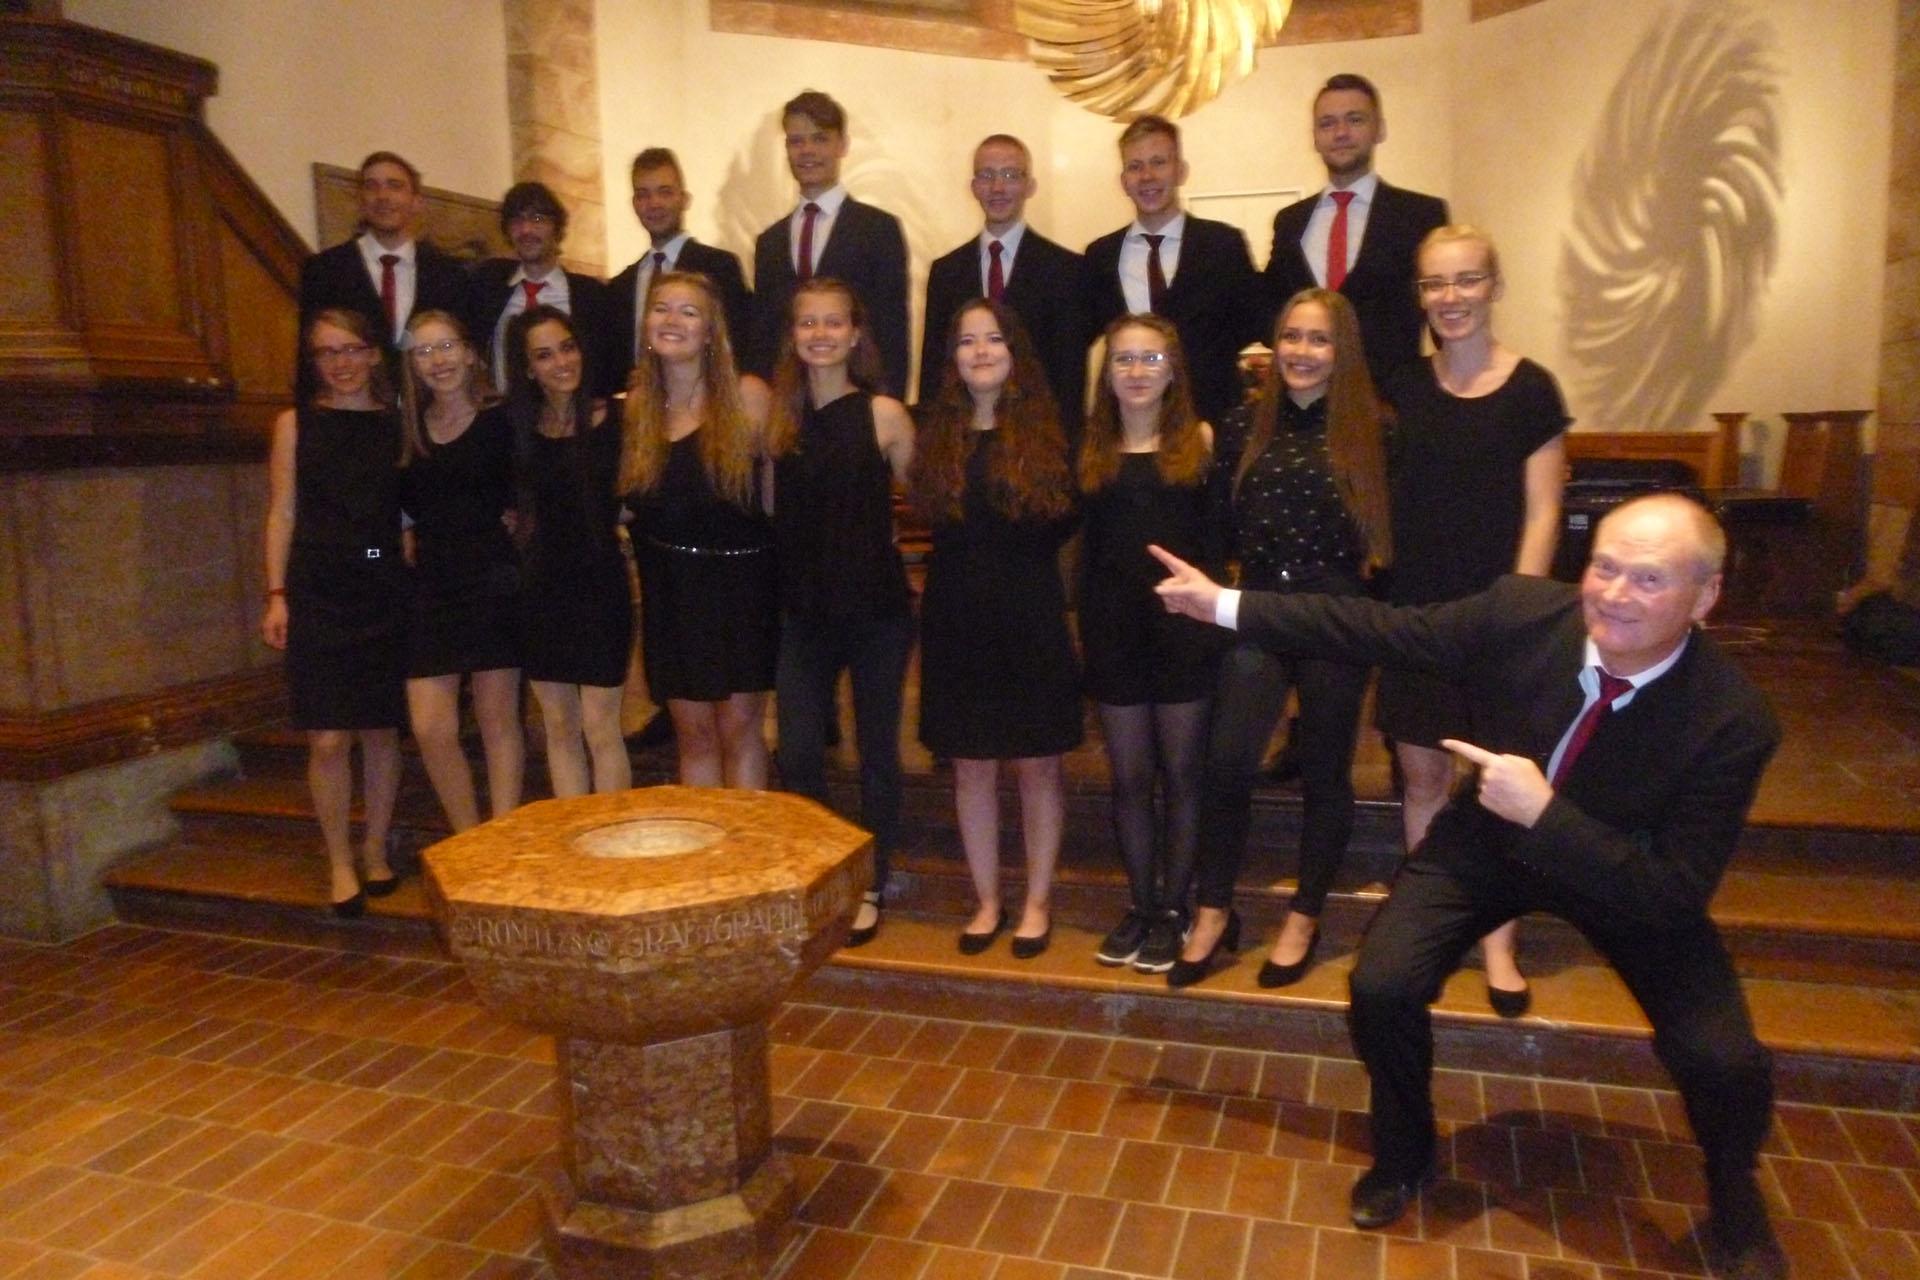 Ralf Stiller gastiert mit seiner Jungen Hofkapelle und dem Jugendchor an St. Marien Greiz erneut in der Christuskirche.